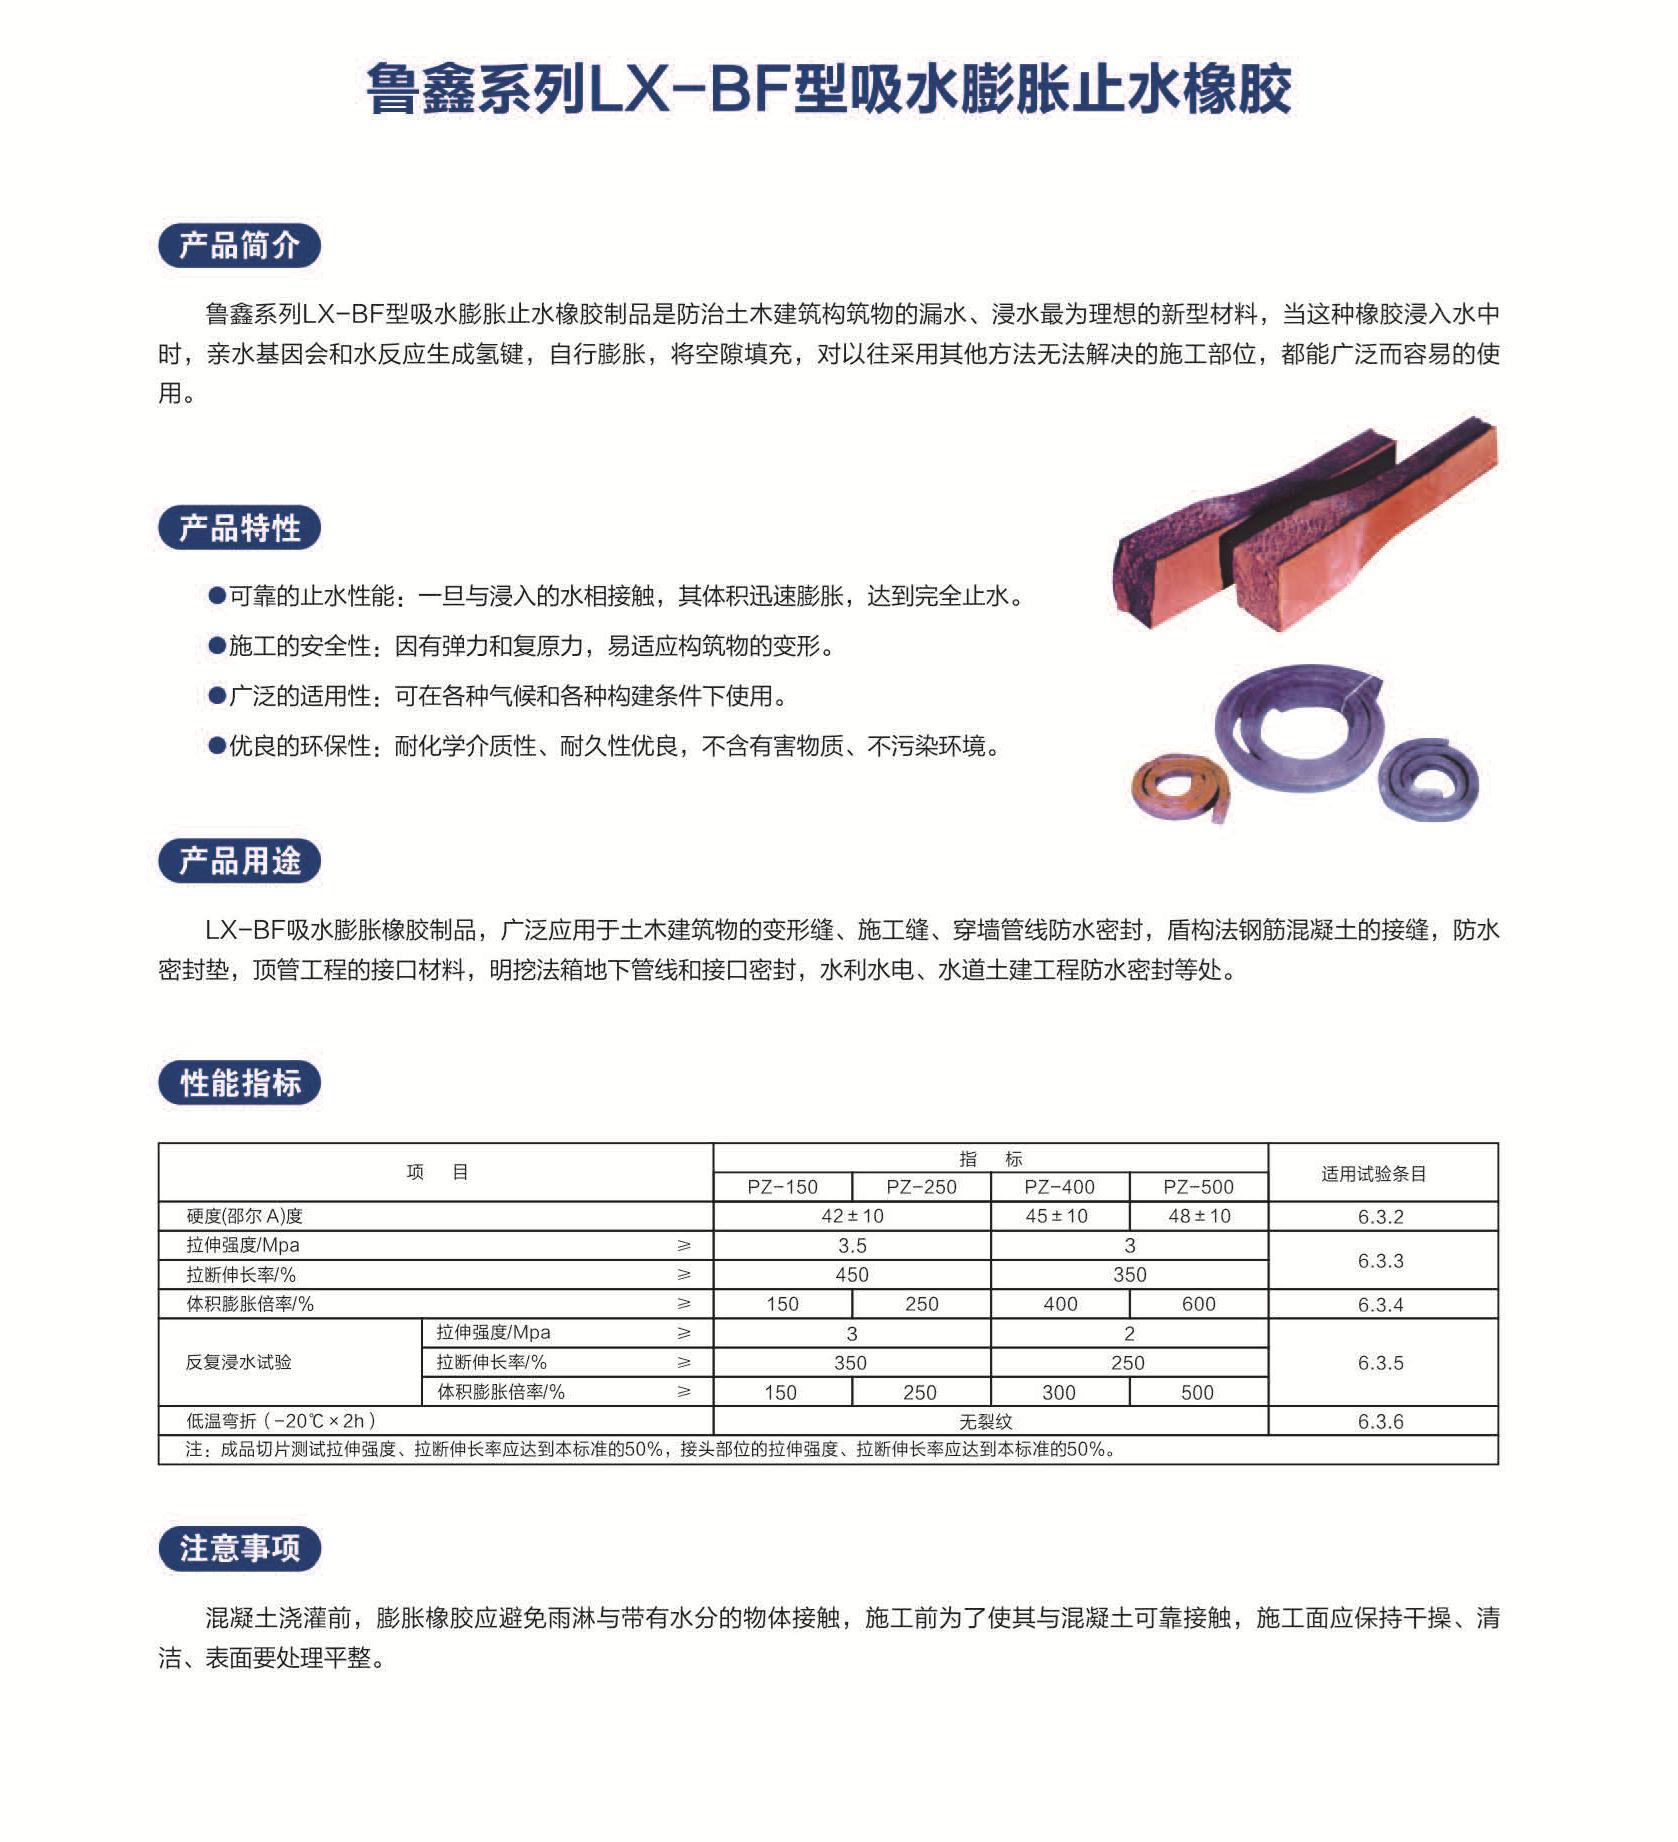 LX-BF型吸水膨胀止水橡胶